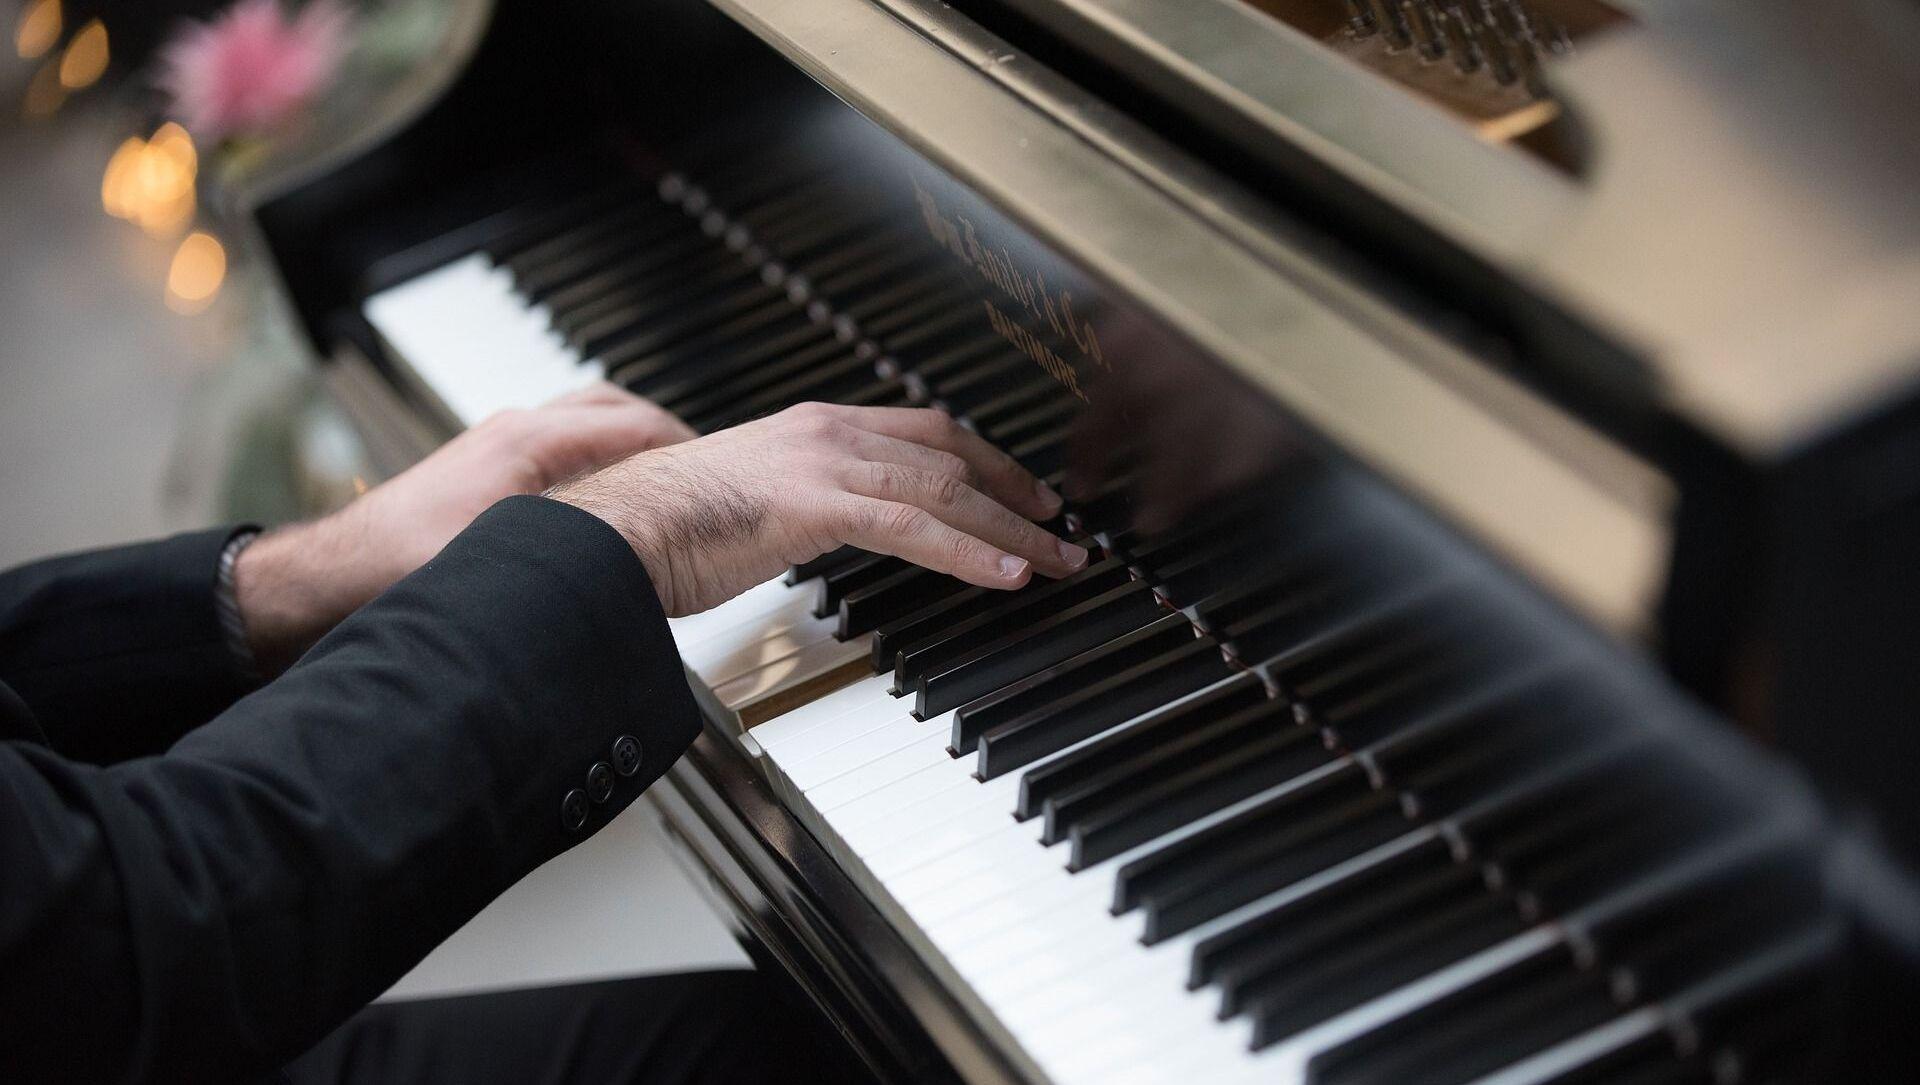 Пианист, фото из архива - Sputnik Azərbaycan, 1920, 18.09.2021